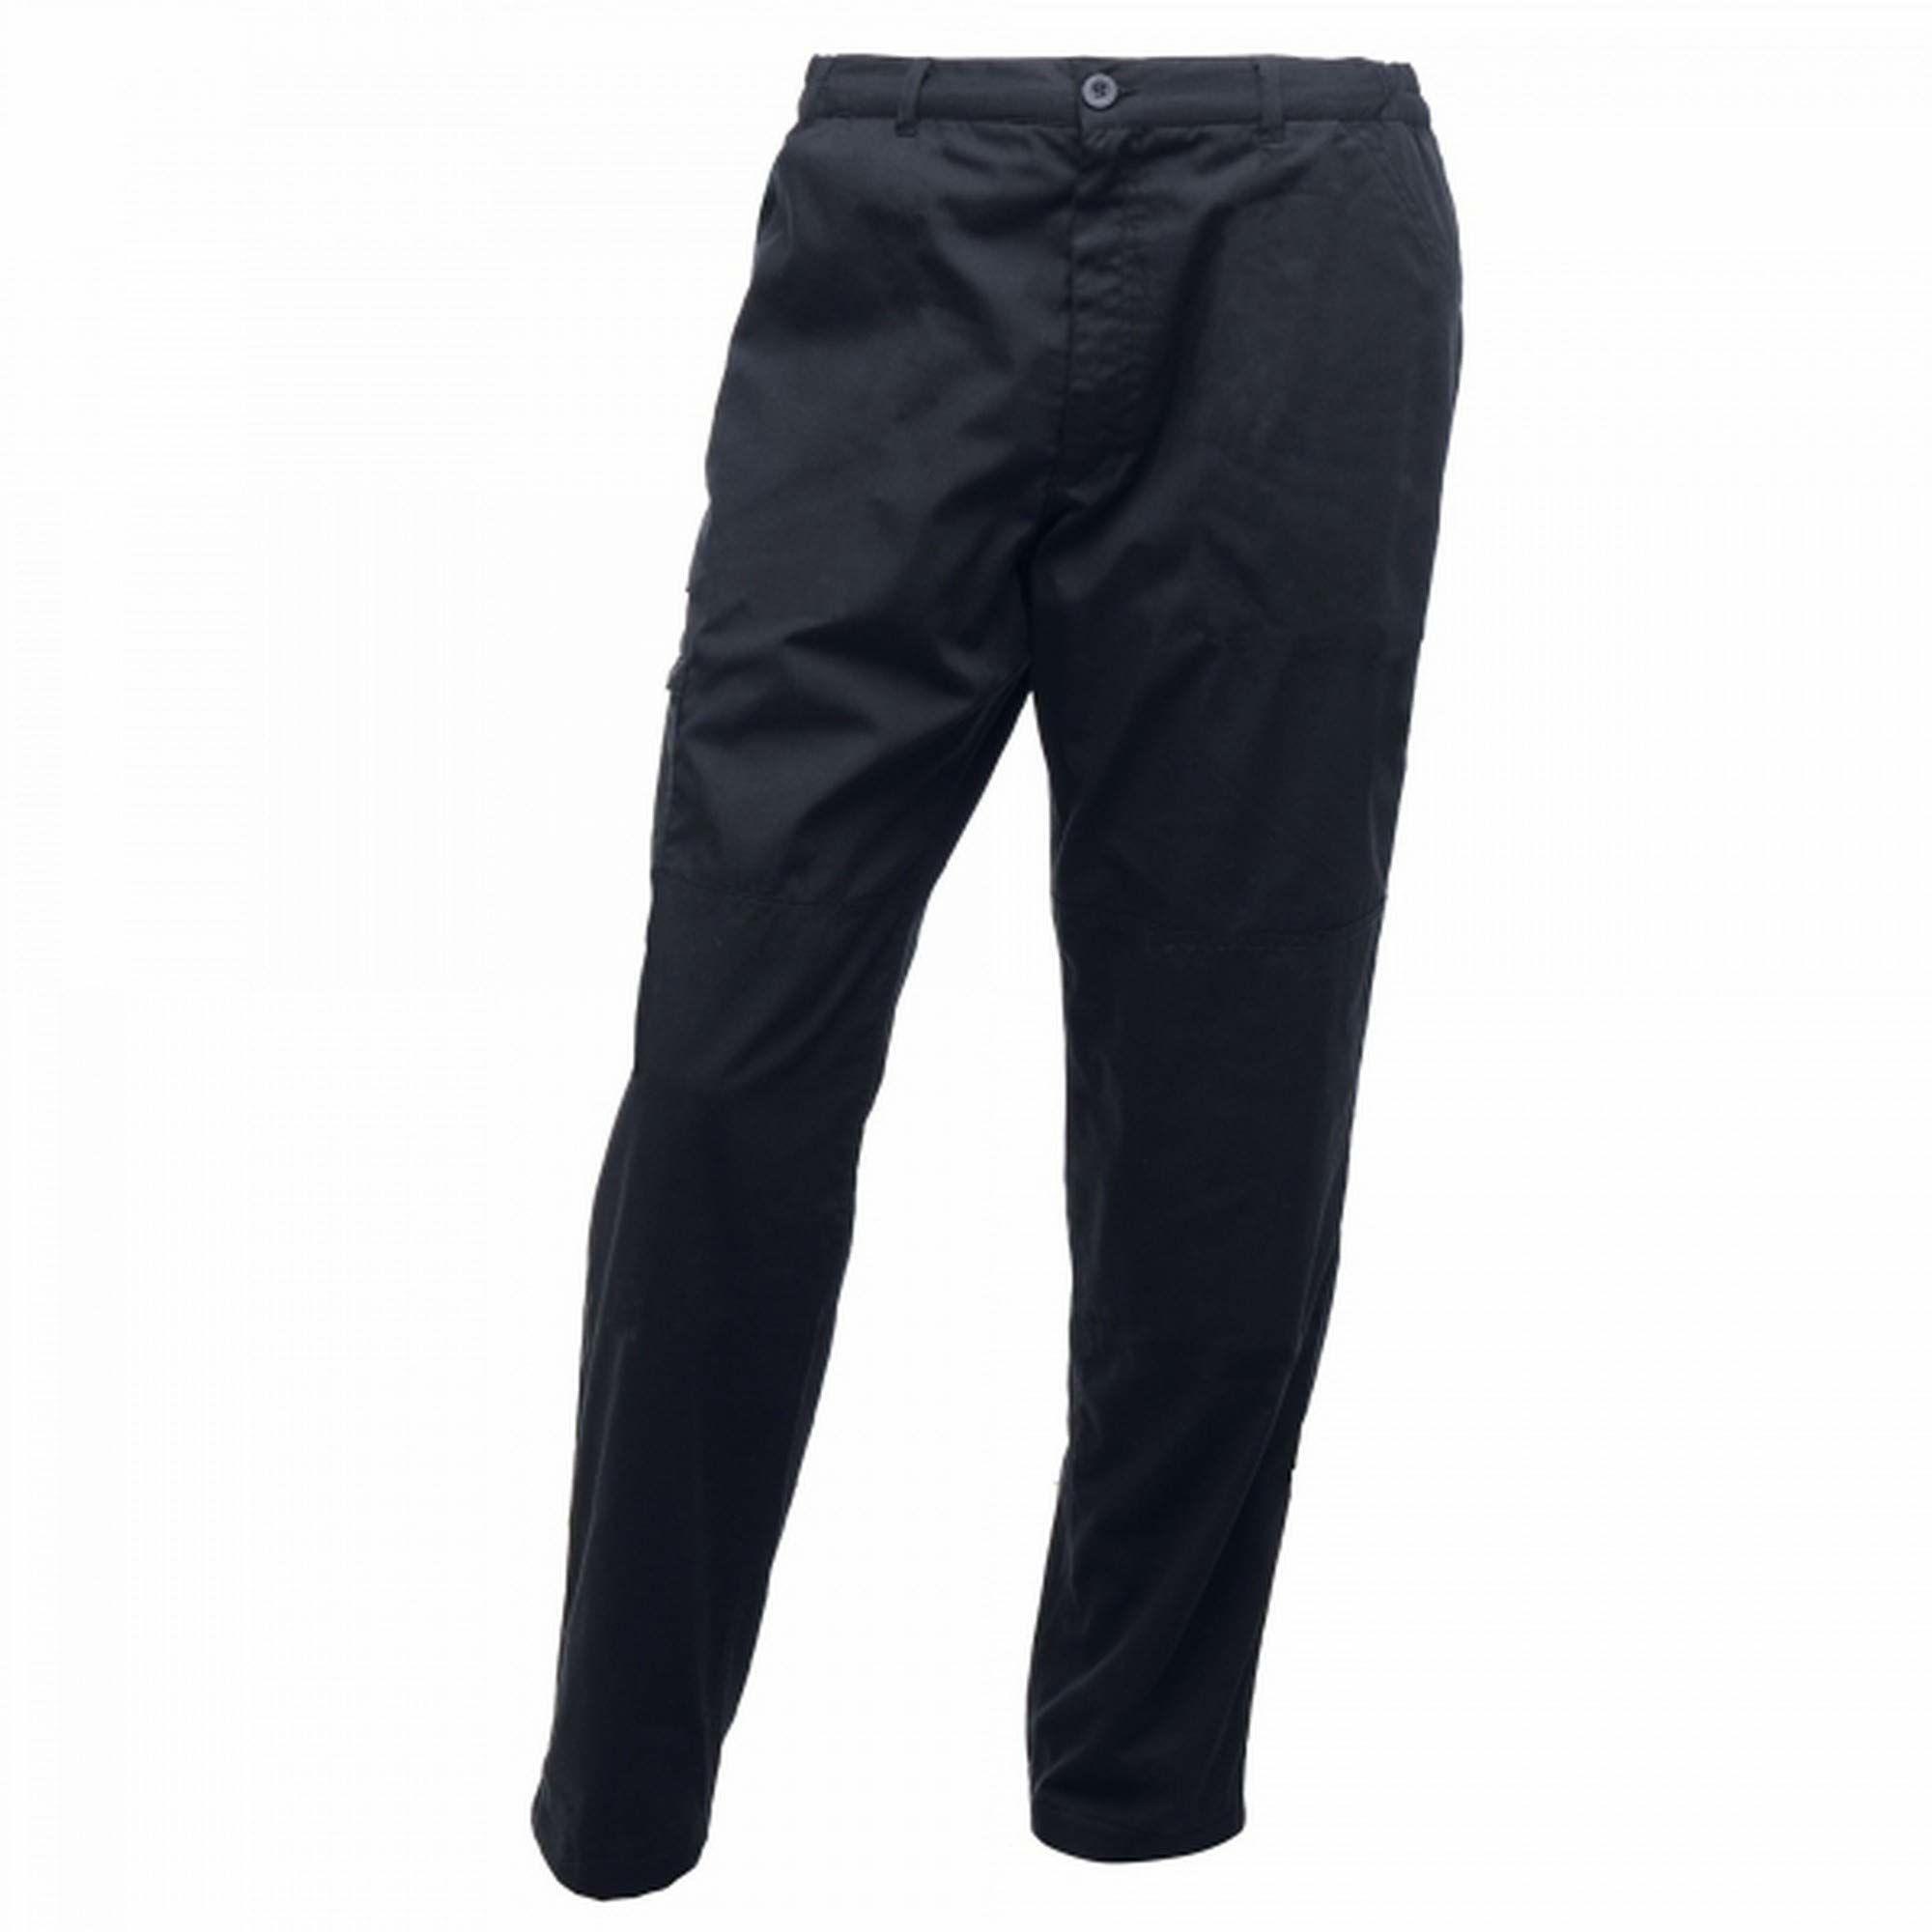 Regatta męskie profesjonalne Pro Cargo wytrzymałe wodoodporne spodnie z wieloma kieszeniami, granatowe, rozmiar: 96 cm